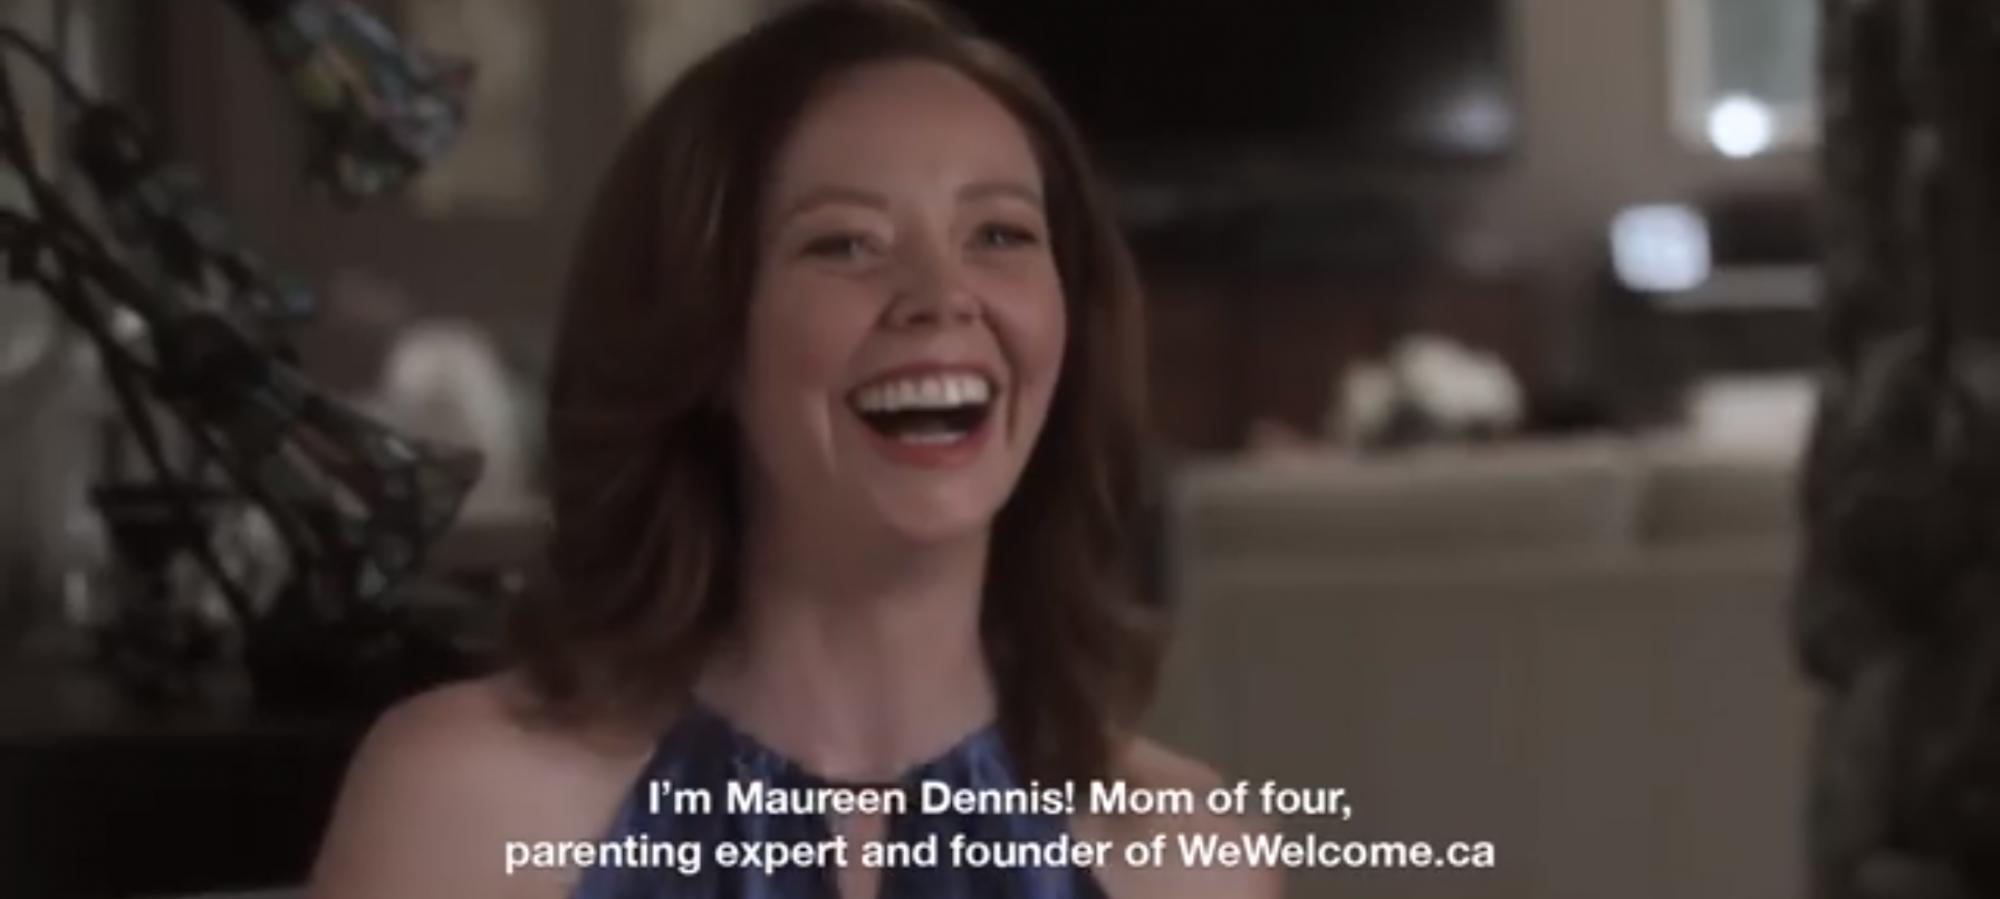 Maureen Dennis